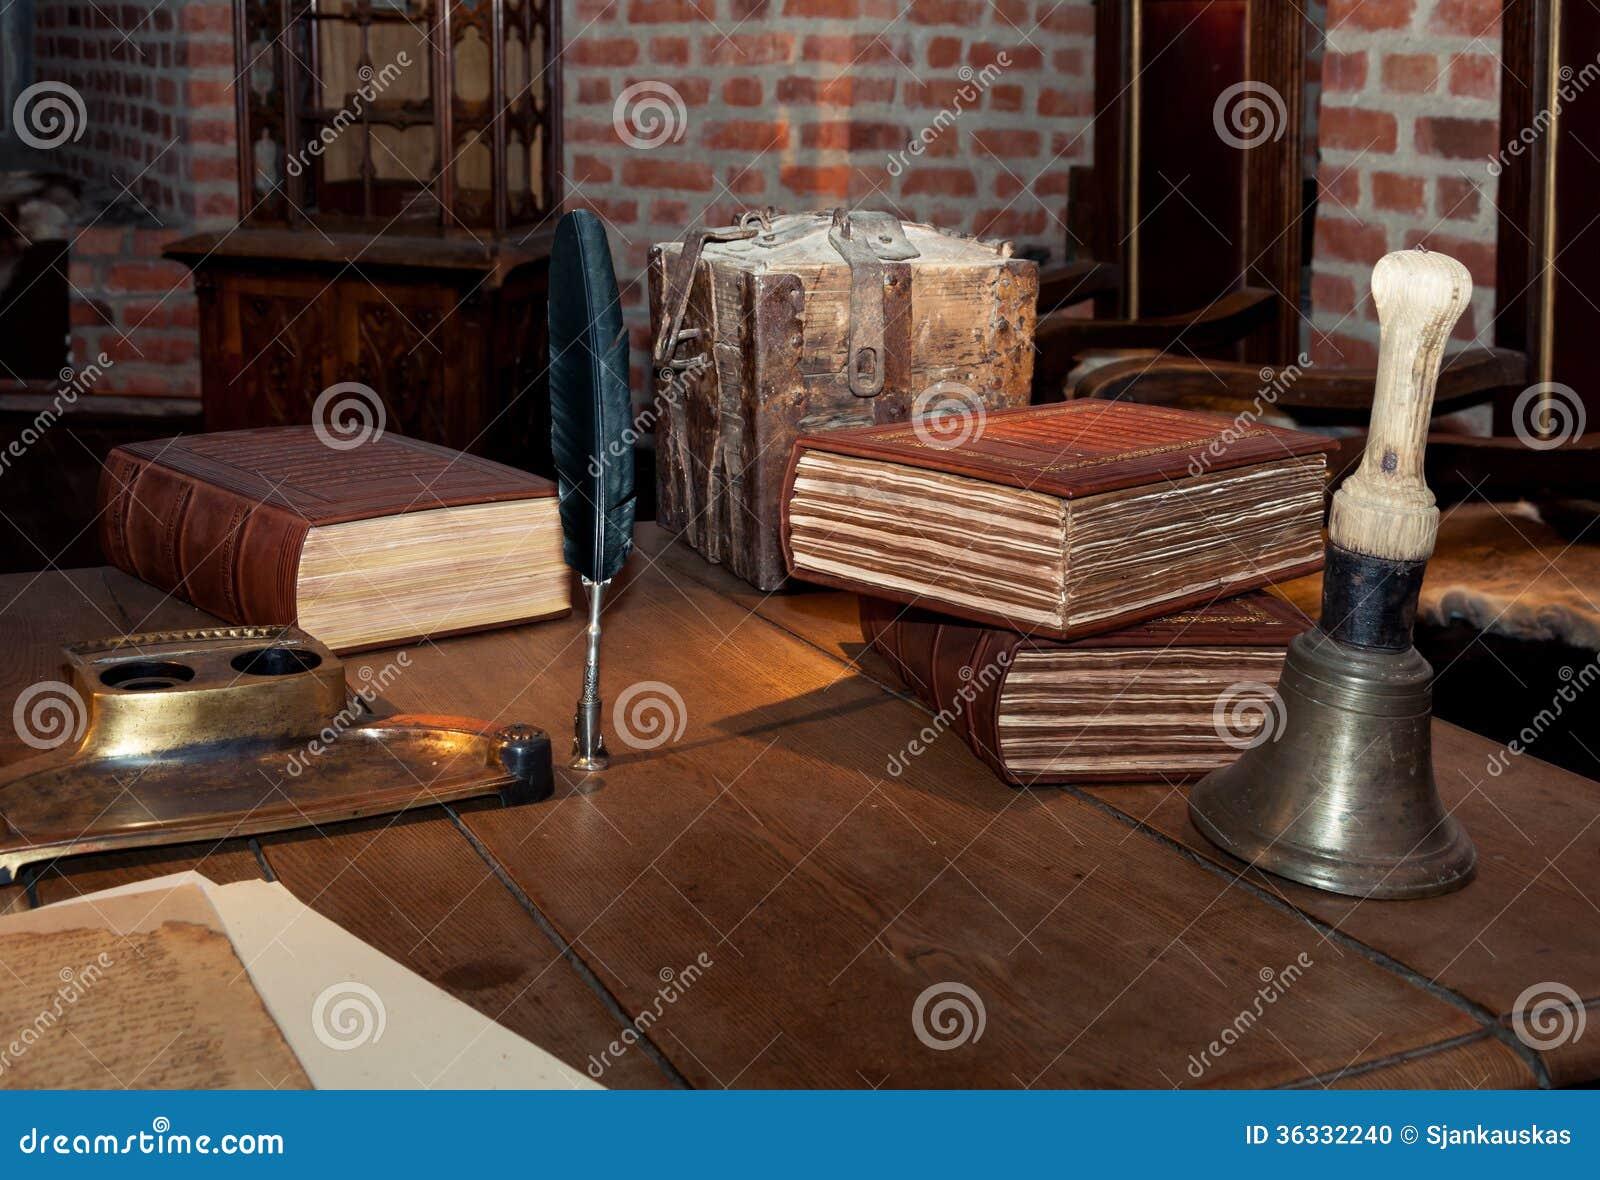 mittelalterlicher schreibtisch stockfoto bild von nachricht glocke 36332240. Black Bedroom Furniture Sets. Home Design Ideas